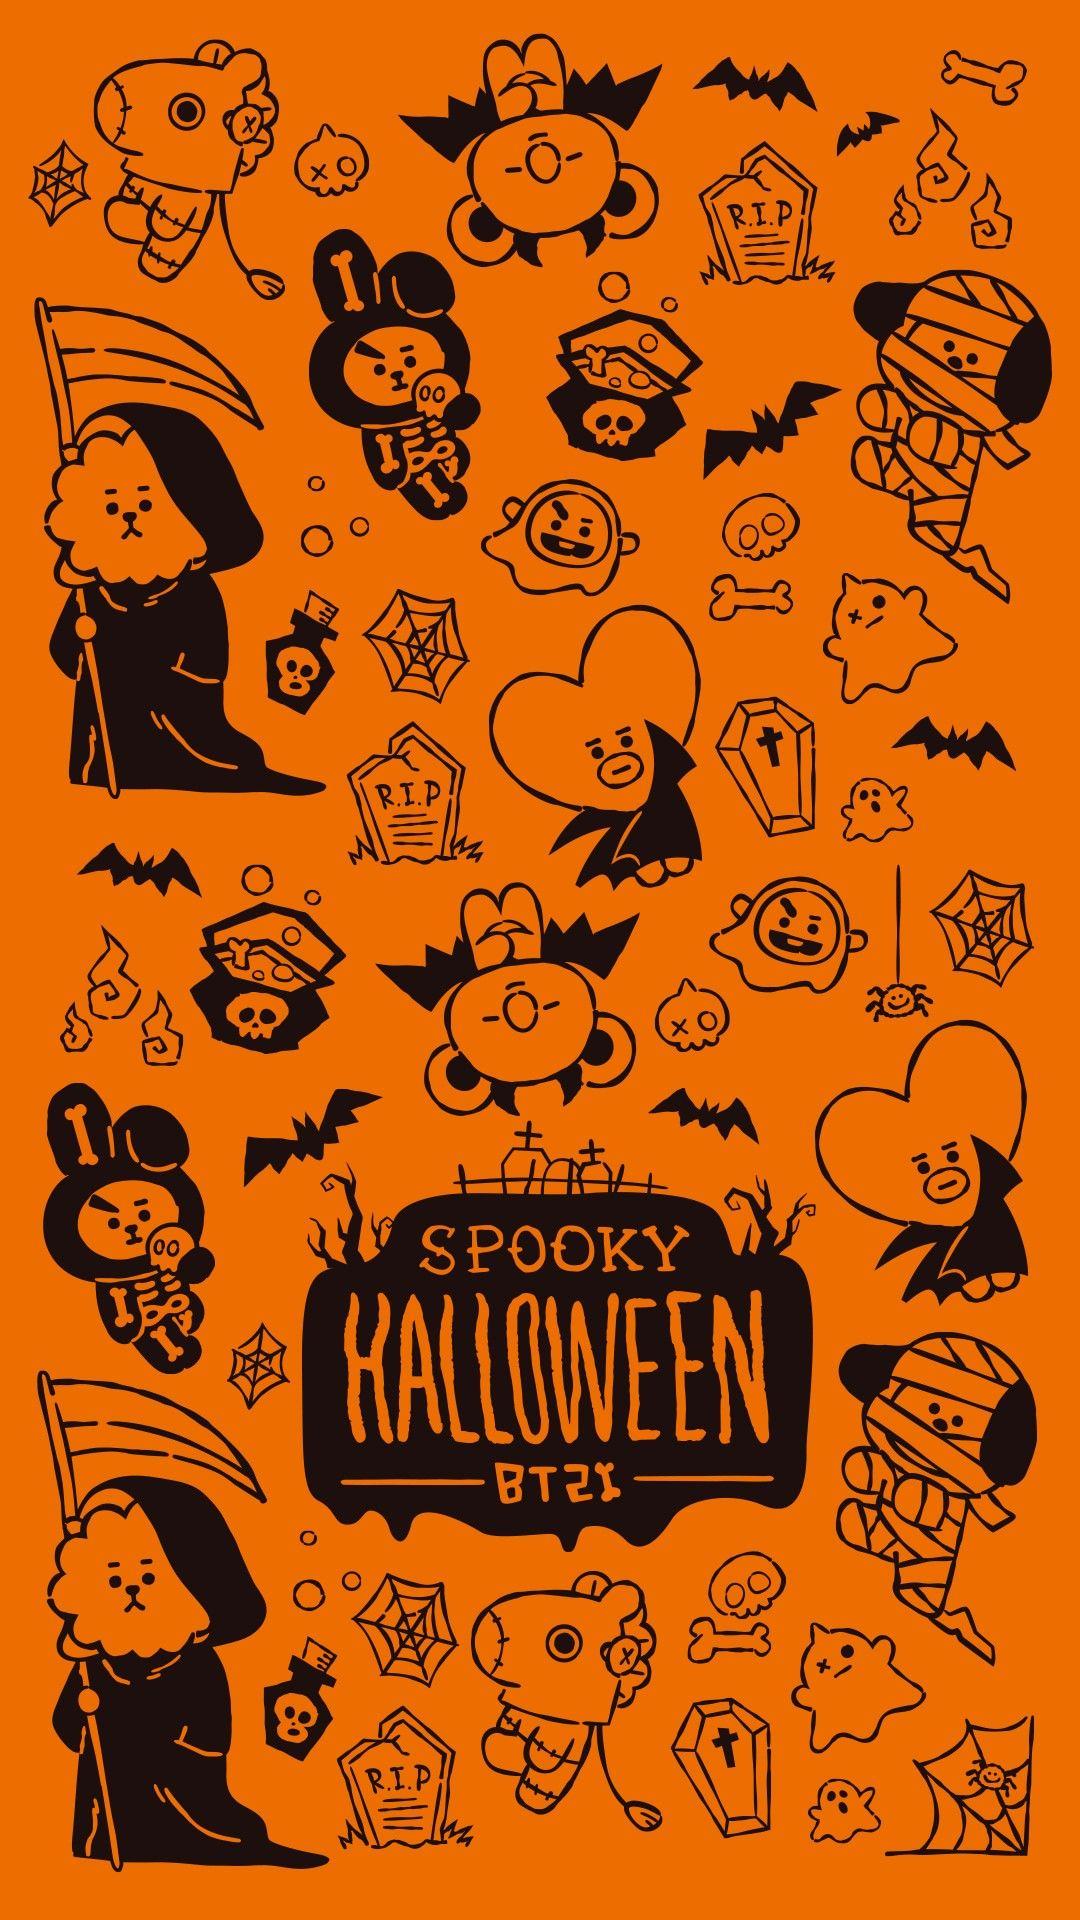 Bt21 Wallpaper Halloween Bts Halloween Halloween Wallpaper Line Friends